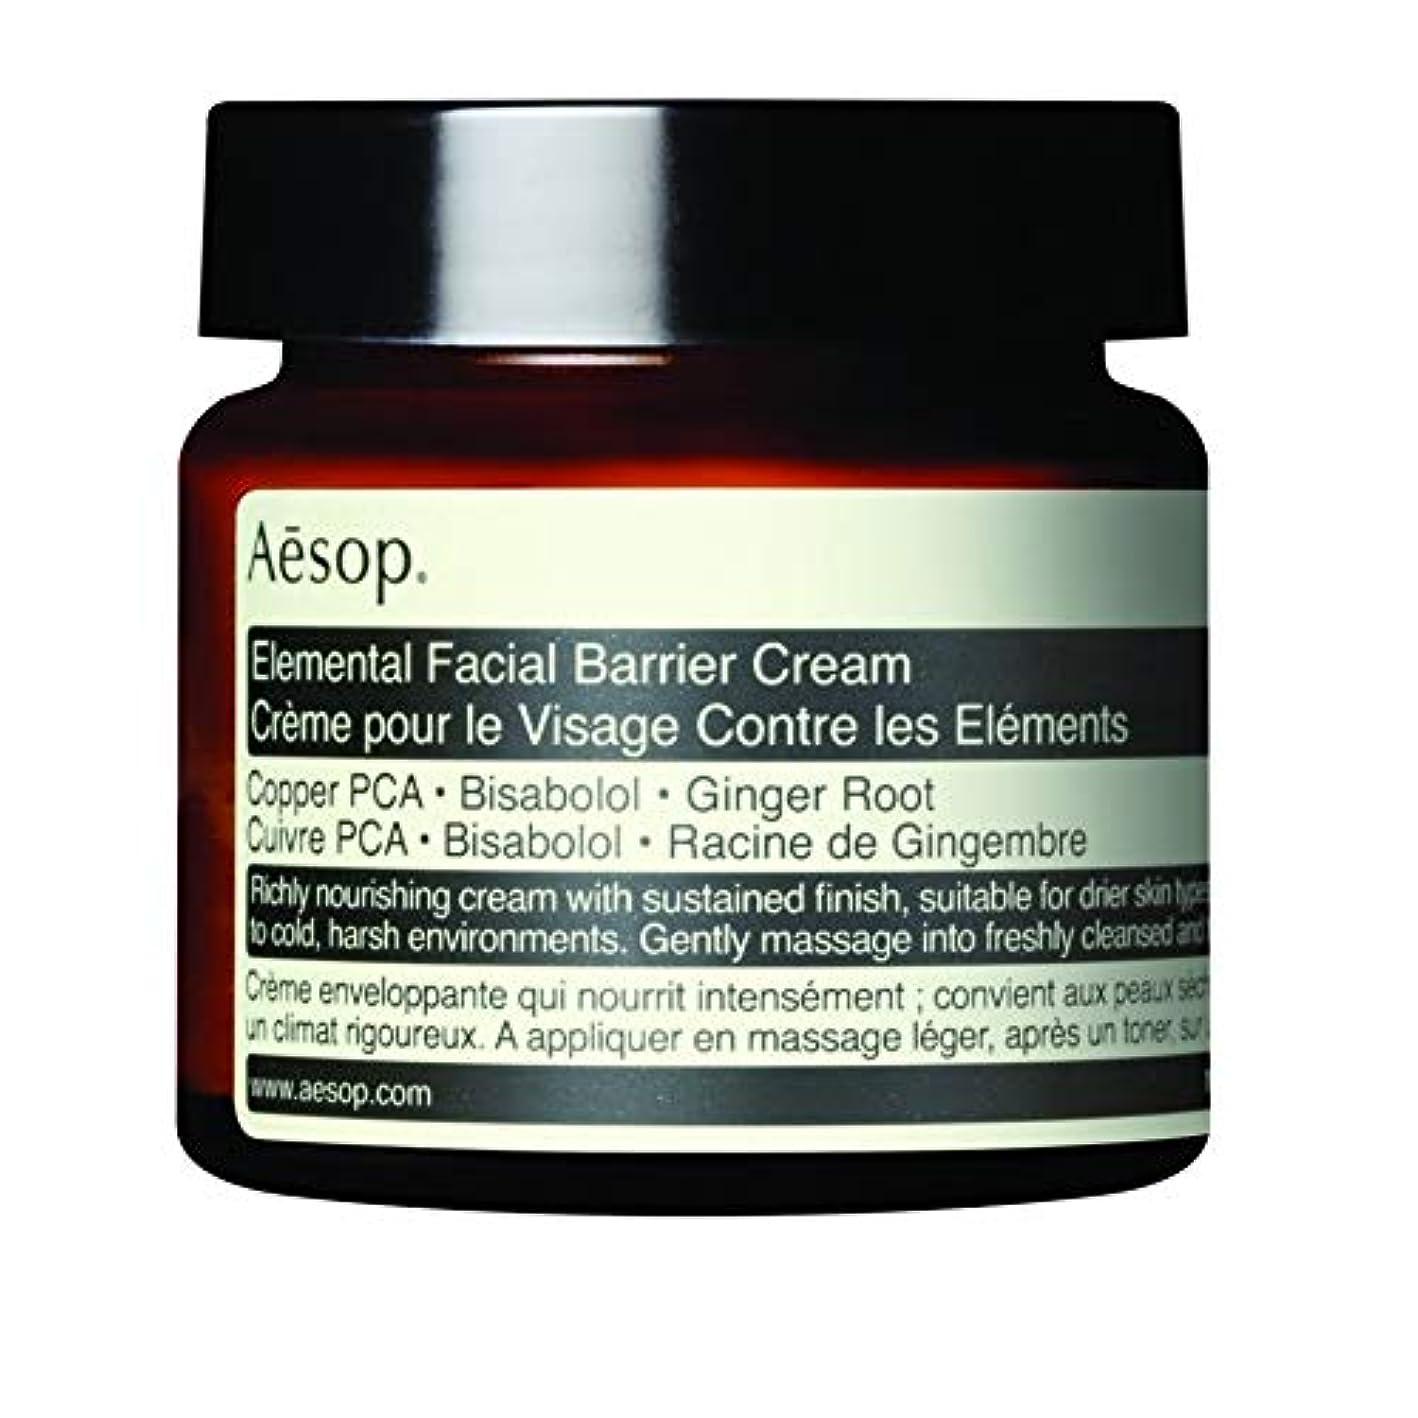 脚本氏マスタード[Aesop ] イソップ元素フェイシャルバリアクリーム60ミリリットル - Aesop Elemental Facial Barrier Cream 60ml [並行輸入品]